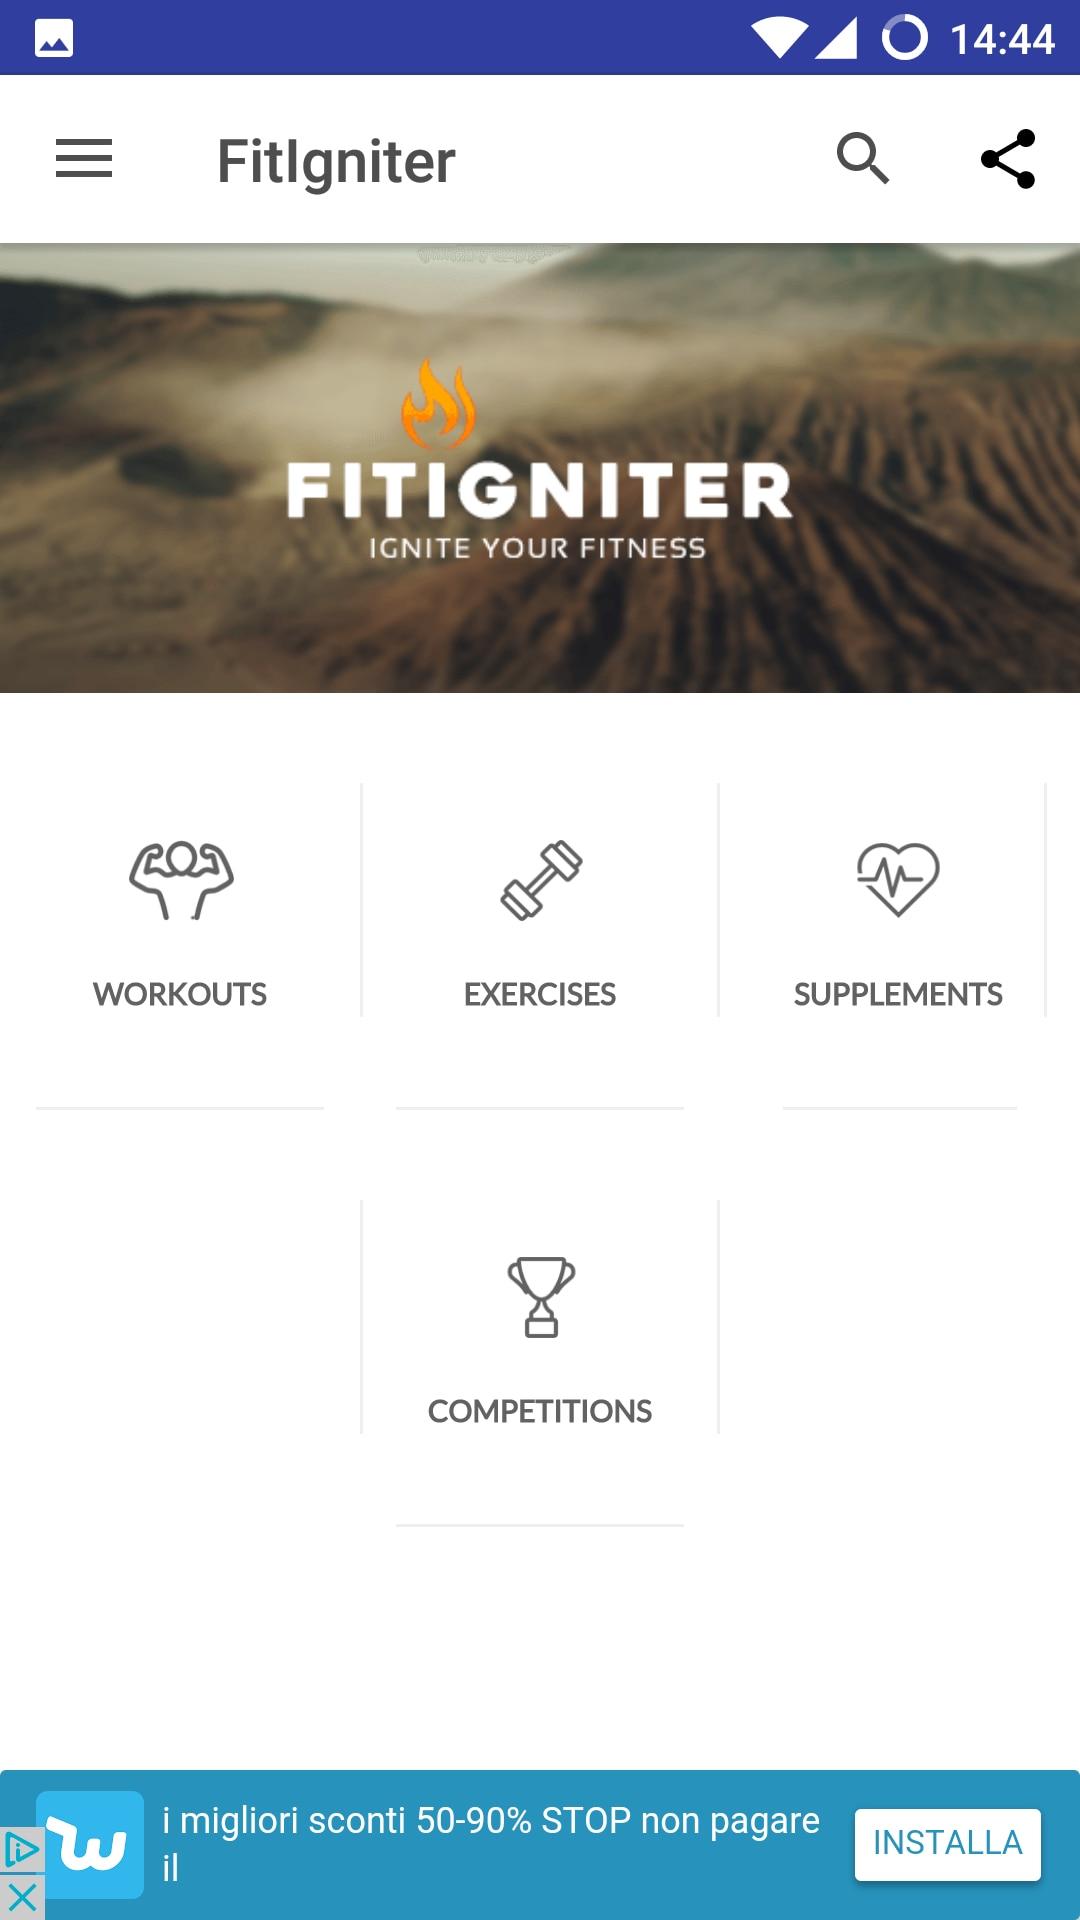 FitIgniter (1)